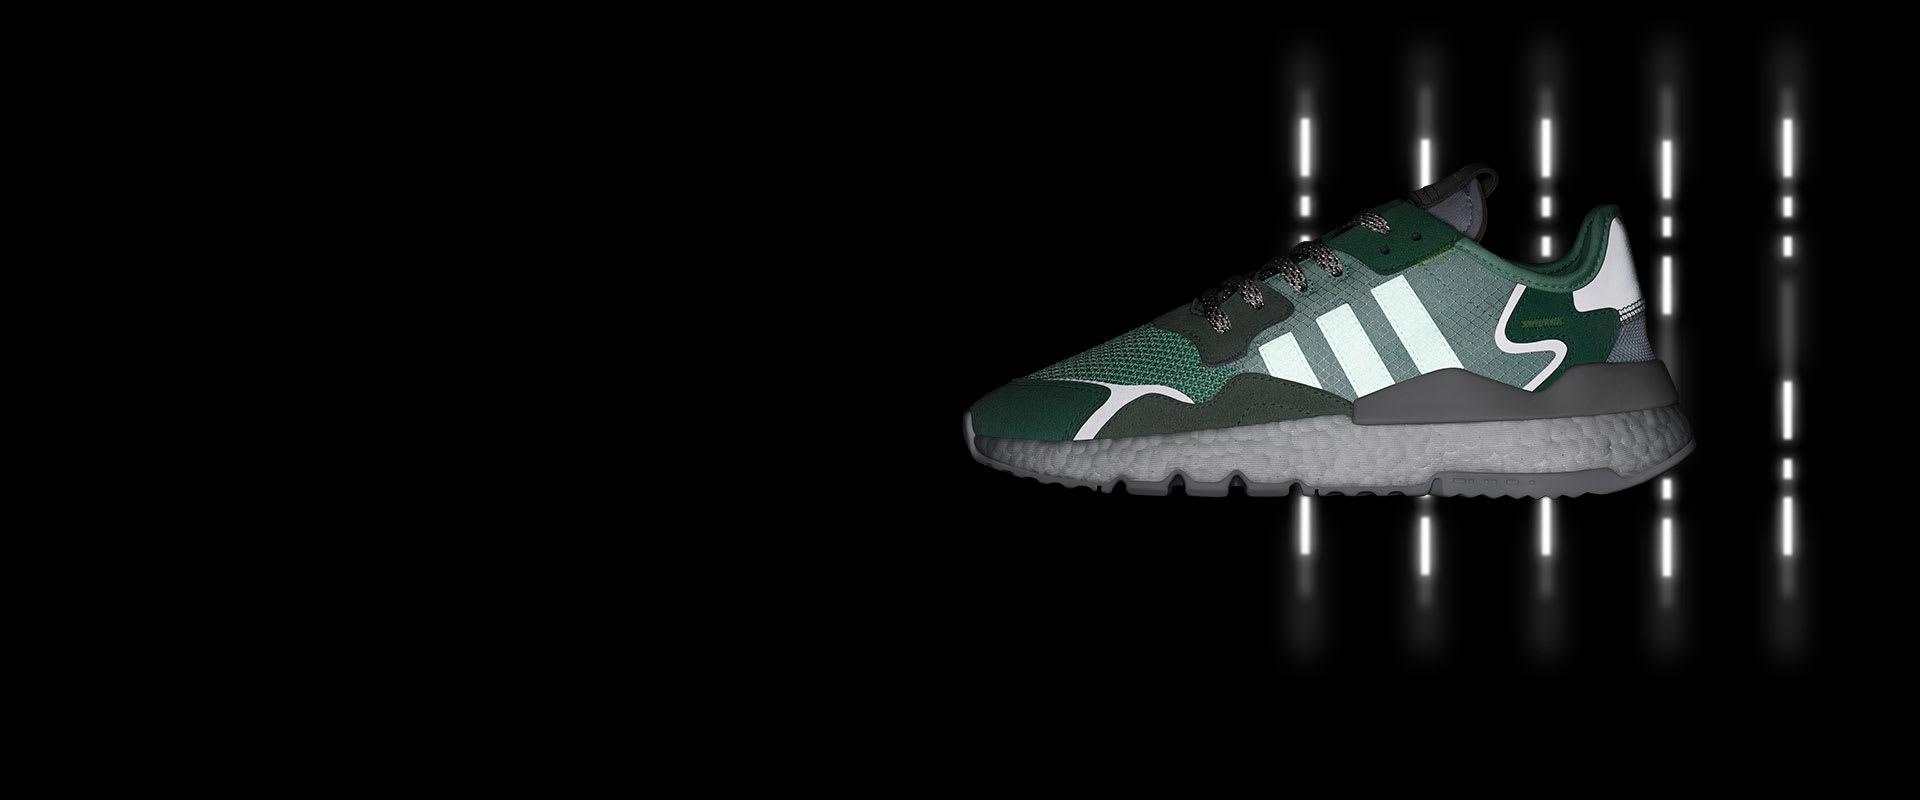 75ad55133a4 Ropa y Calzado adidas Originals